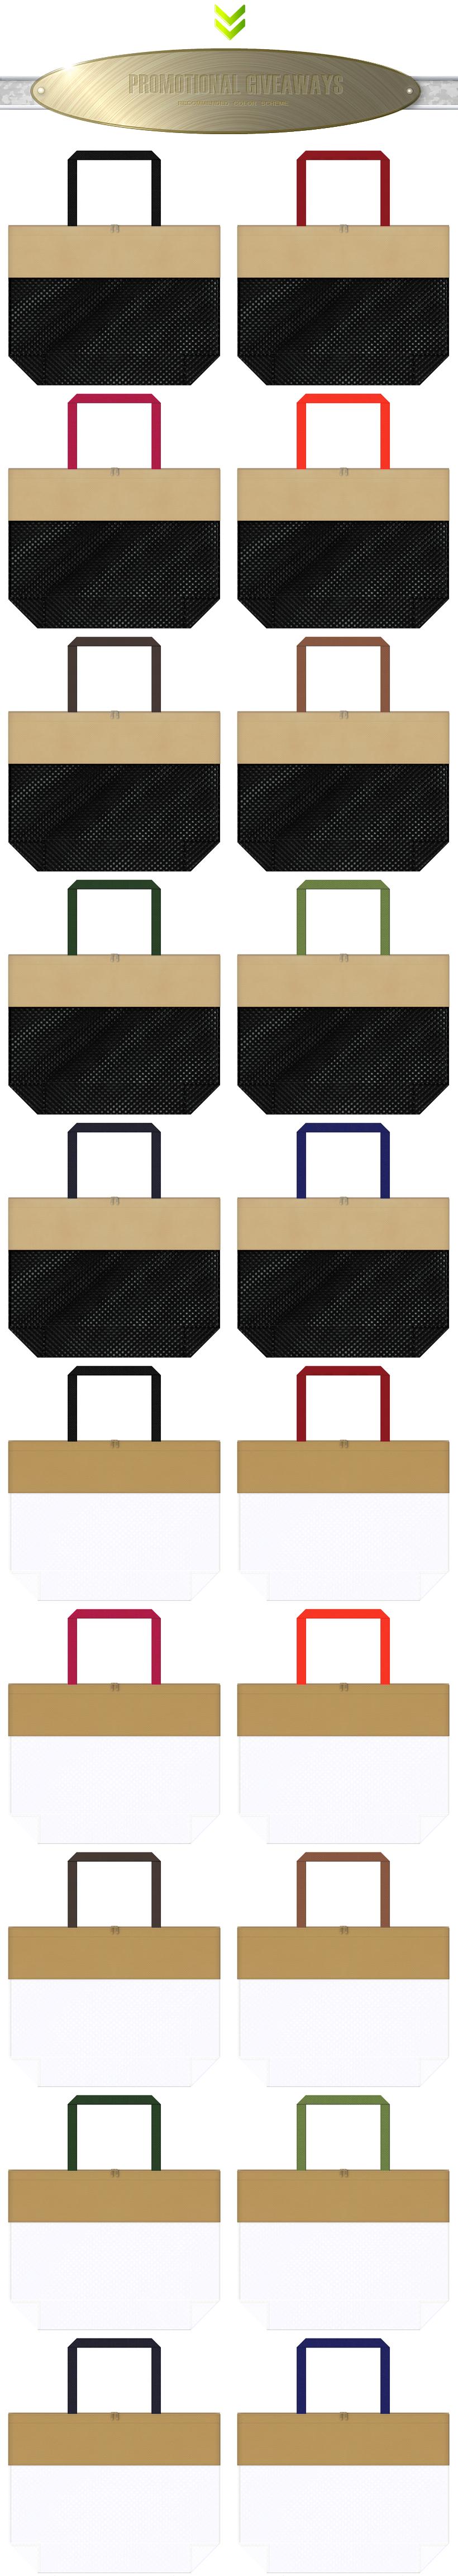 黒色メッシュ・白色メッシュとマスタード色の不織布をメインに使用した、台形型メッシュバッグのカラーシミュレーション